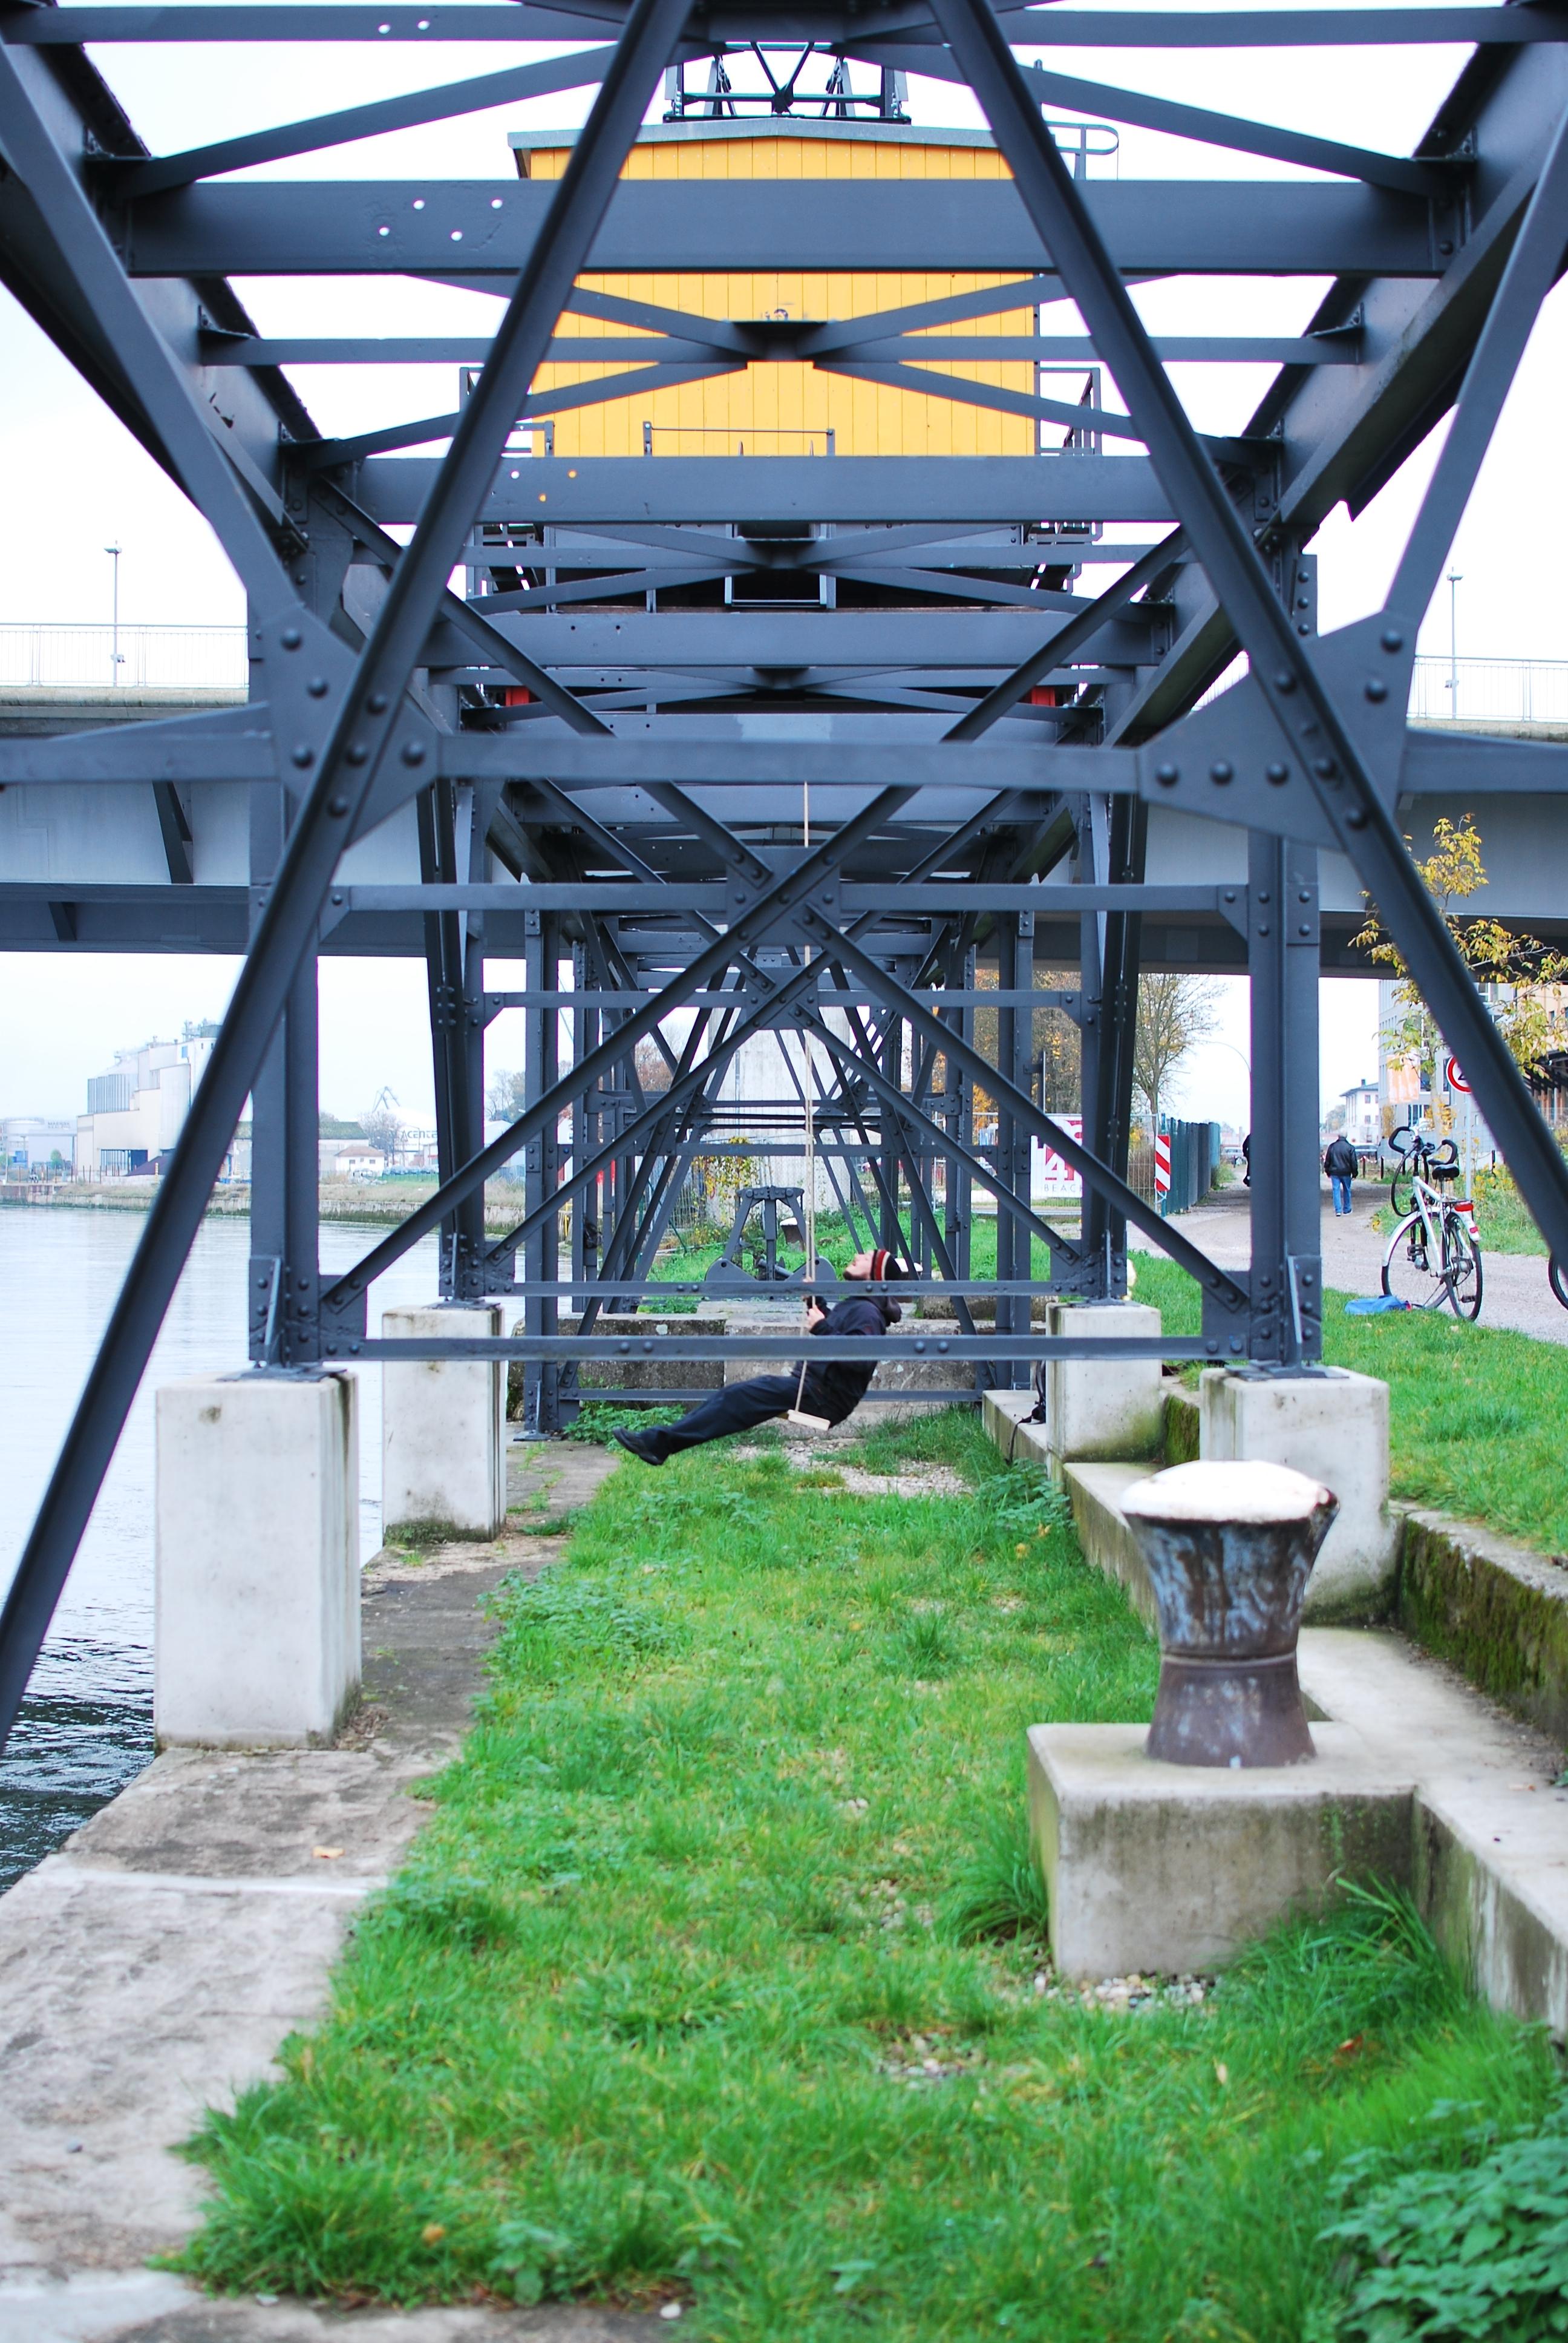 """Schaukelvorrichtung am Industriedenkmal """"Donaulände"""" in Regensburg"""